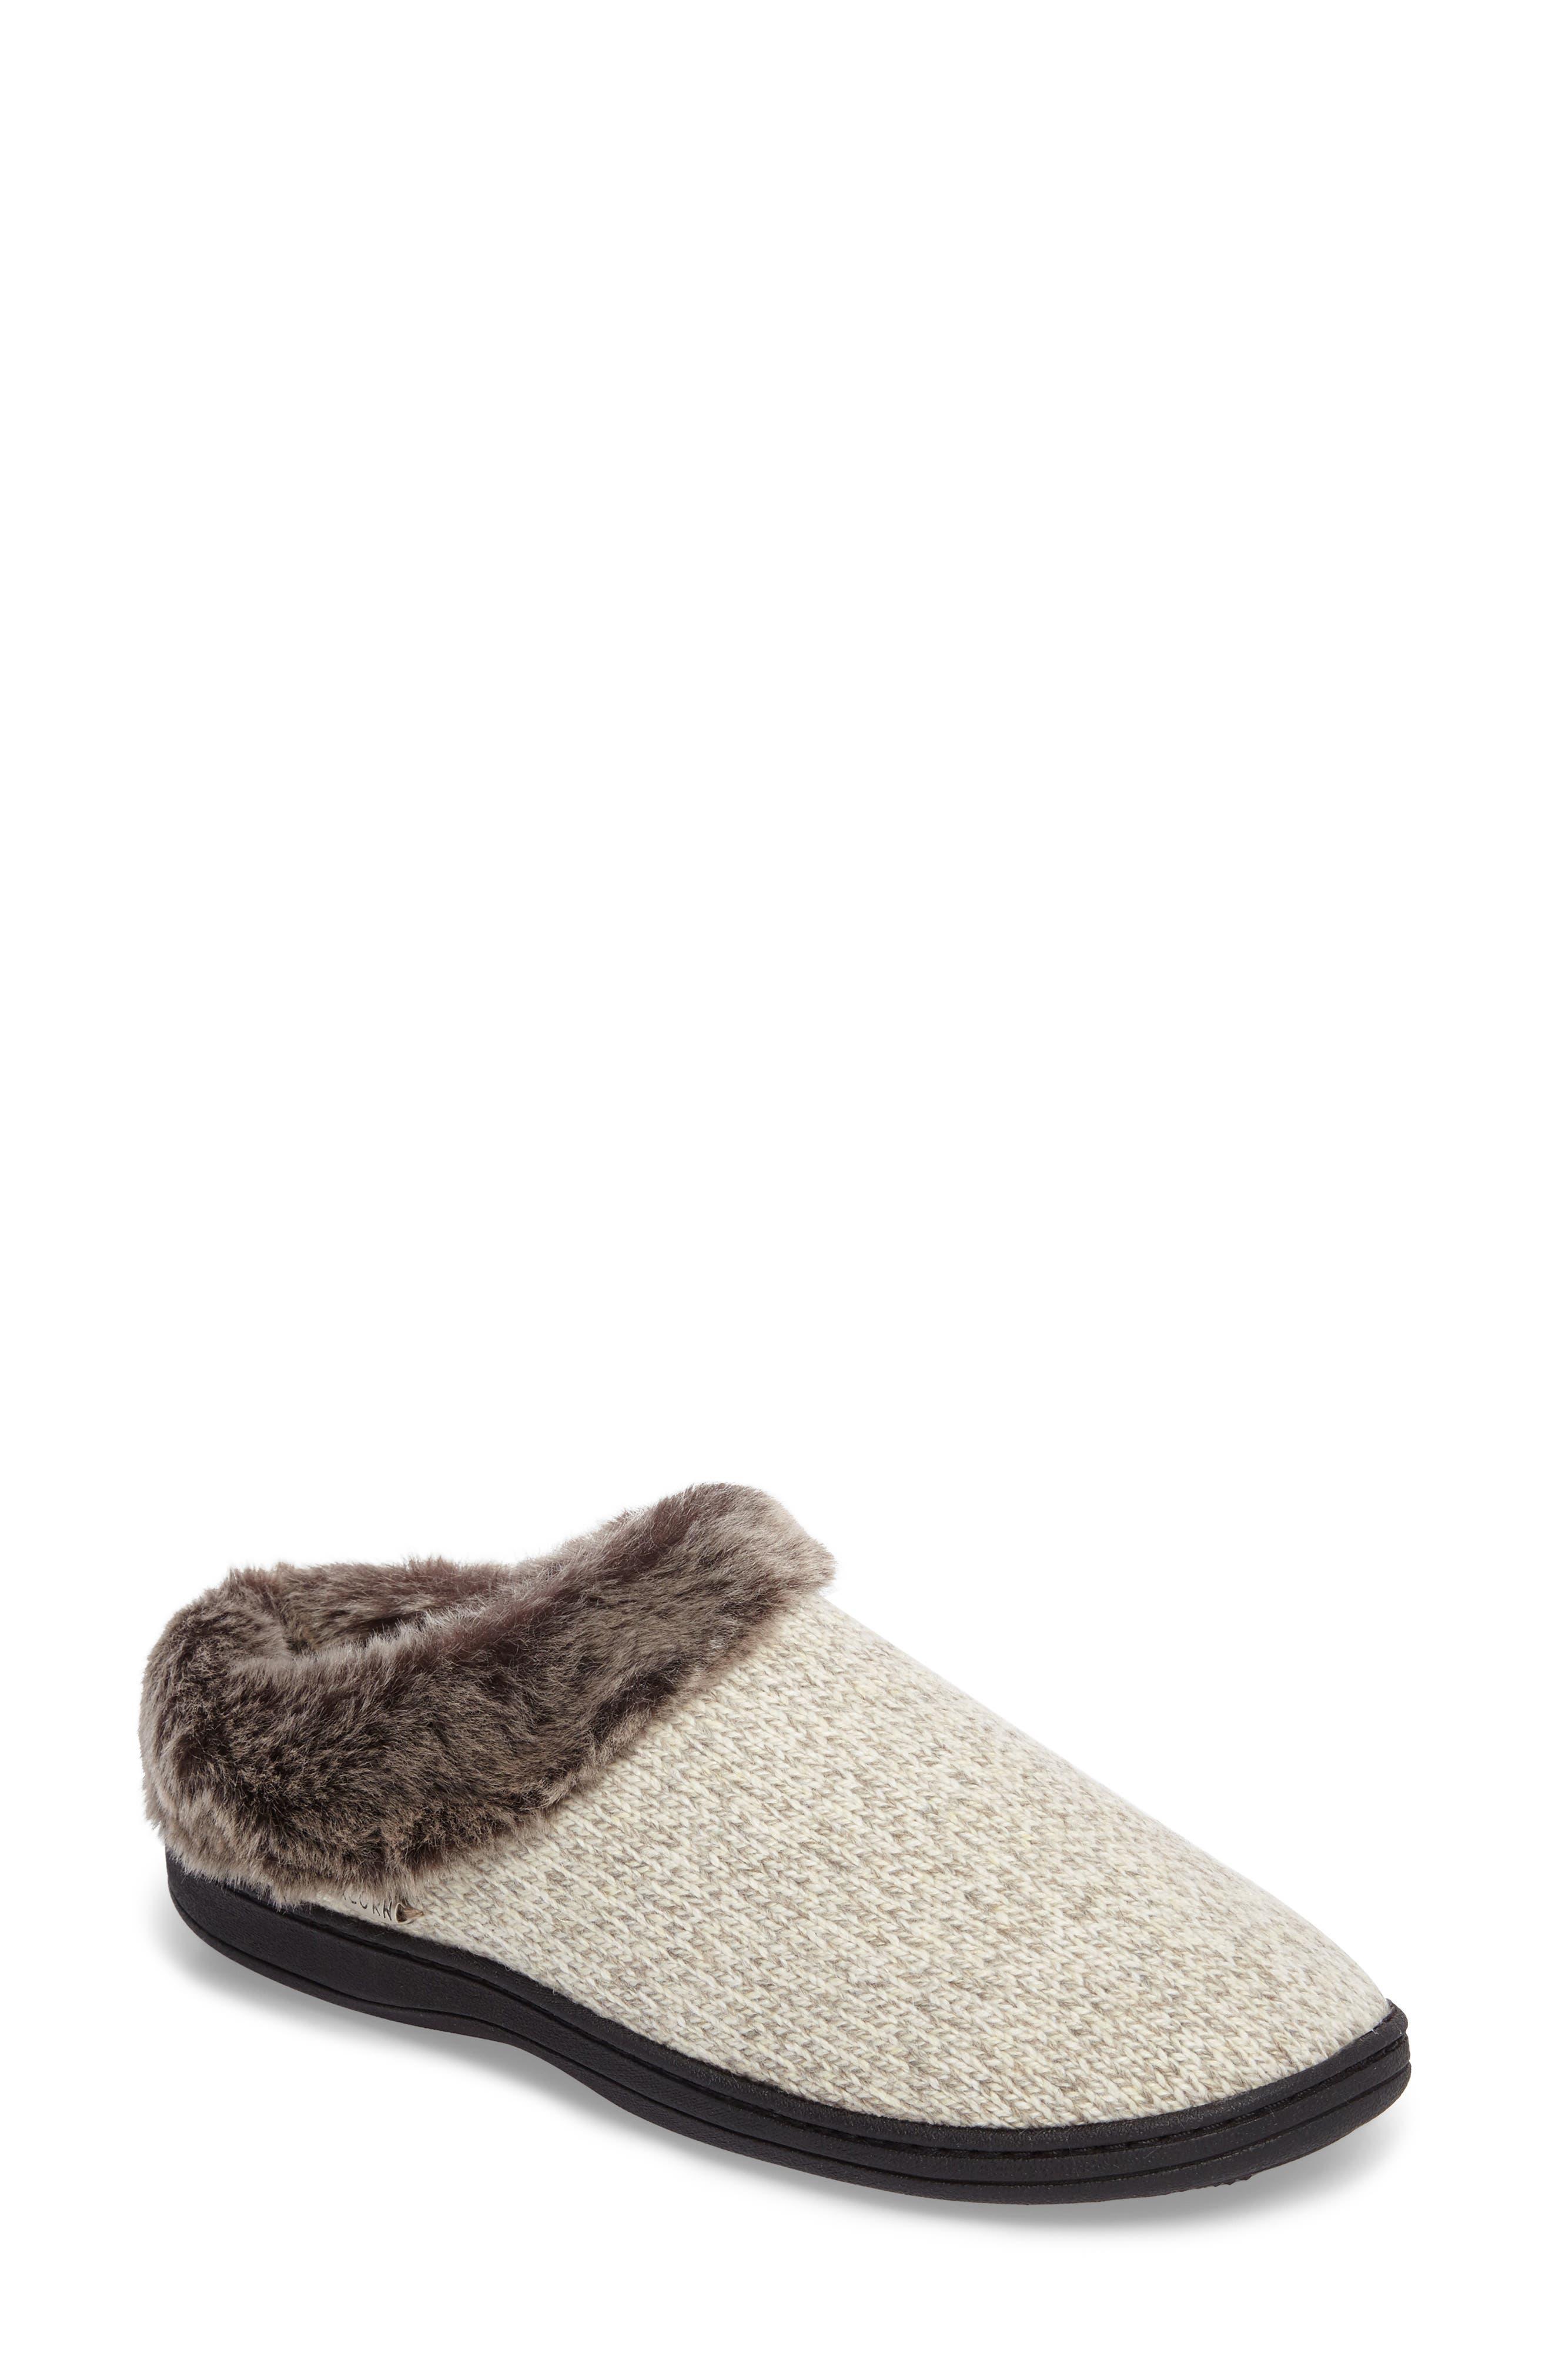 ACORN Chinchilla Faux Fur Slipper, Main, color, CHARCOAL HEATHER